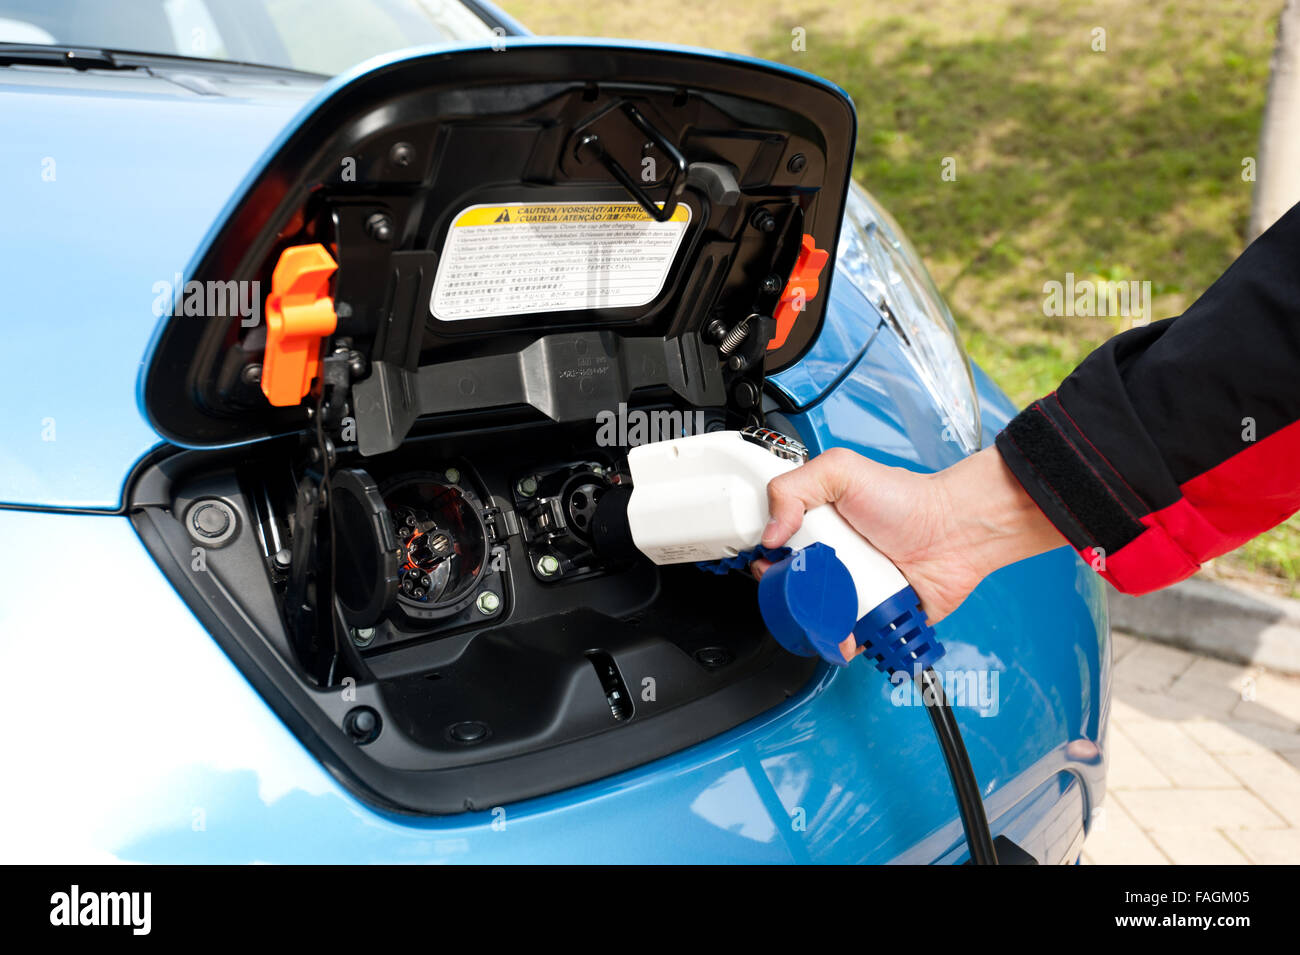 Point de recharge avec prise et cordon d'alimentation pour les voitures électriques et hybrides. L'accent Photo Stock